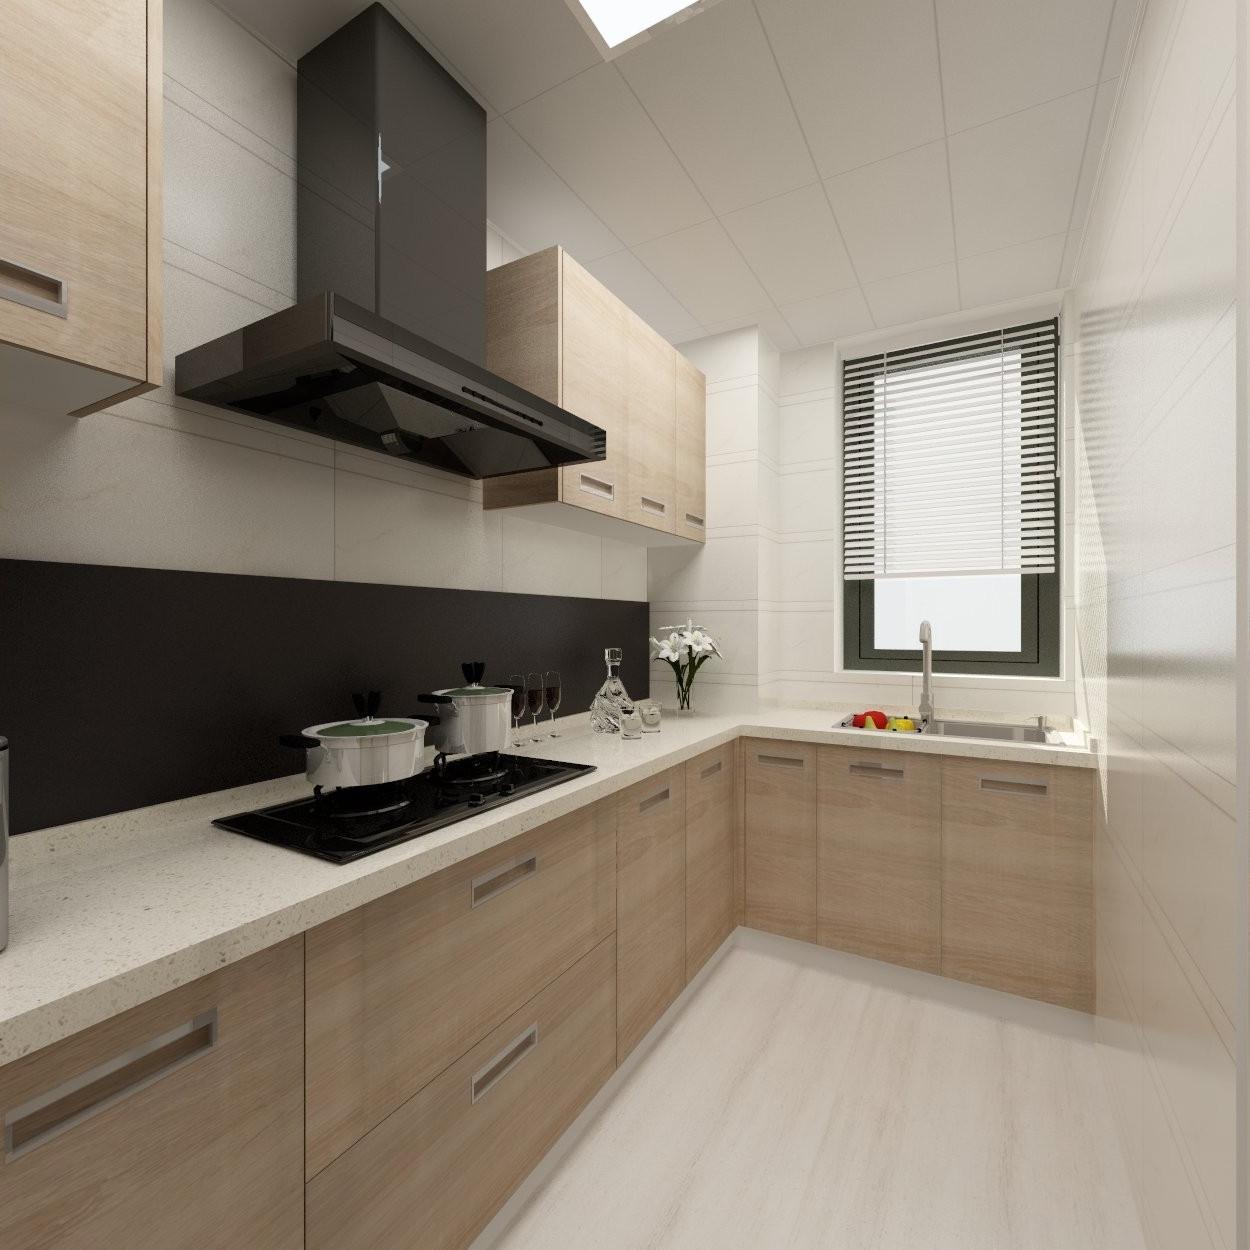 品阁个人设计工作室_125方现代北欧两居_厨房全景效果图